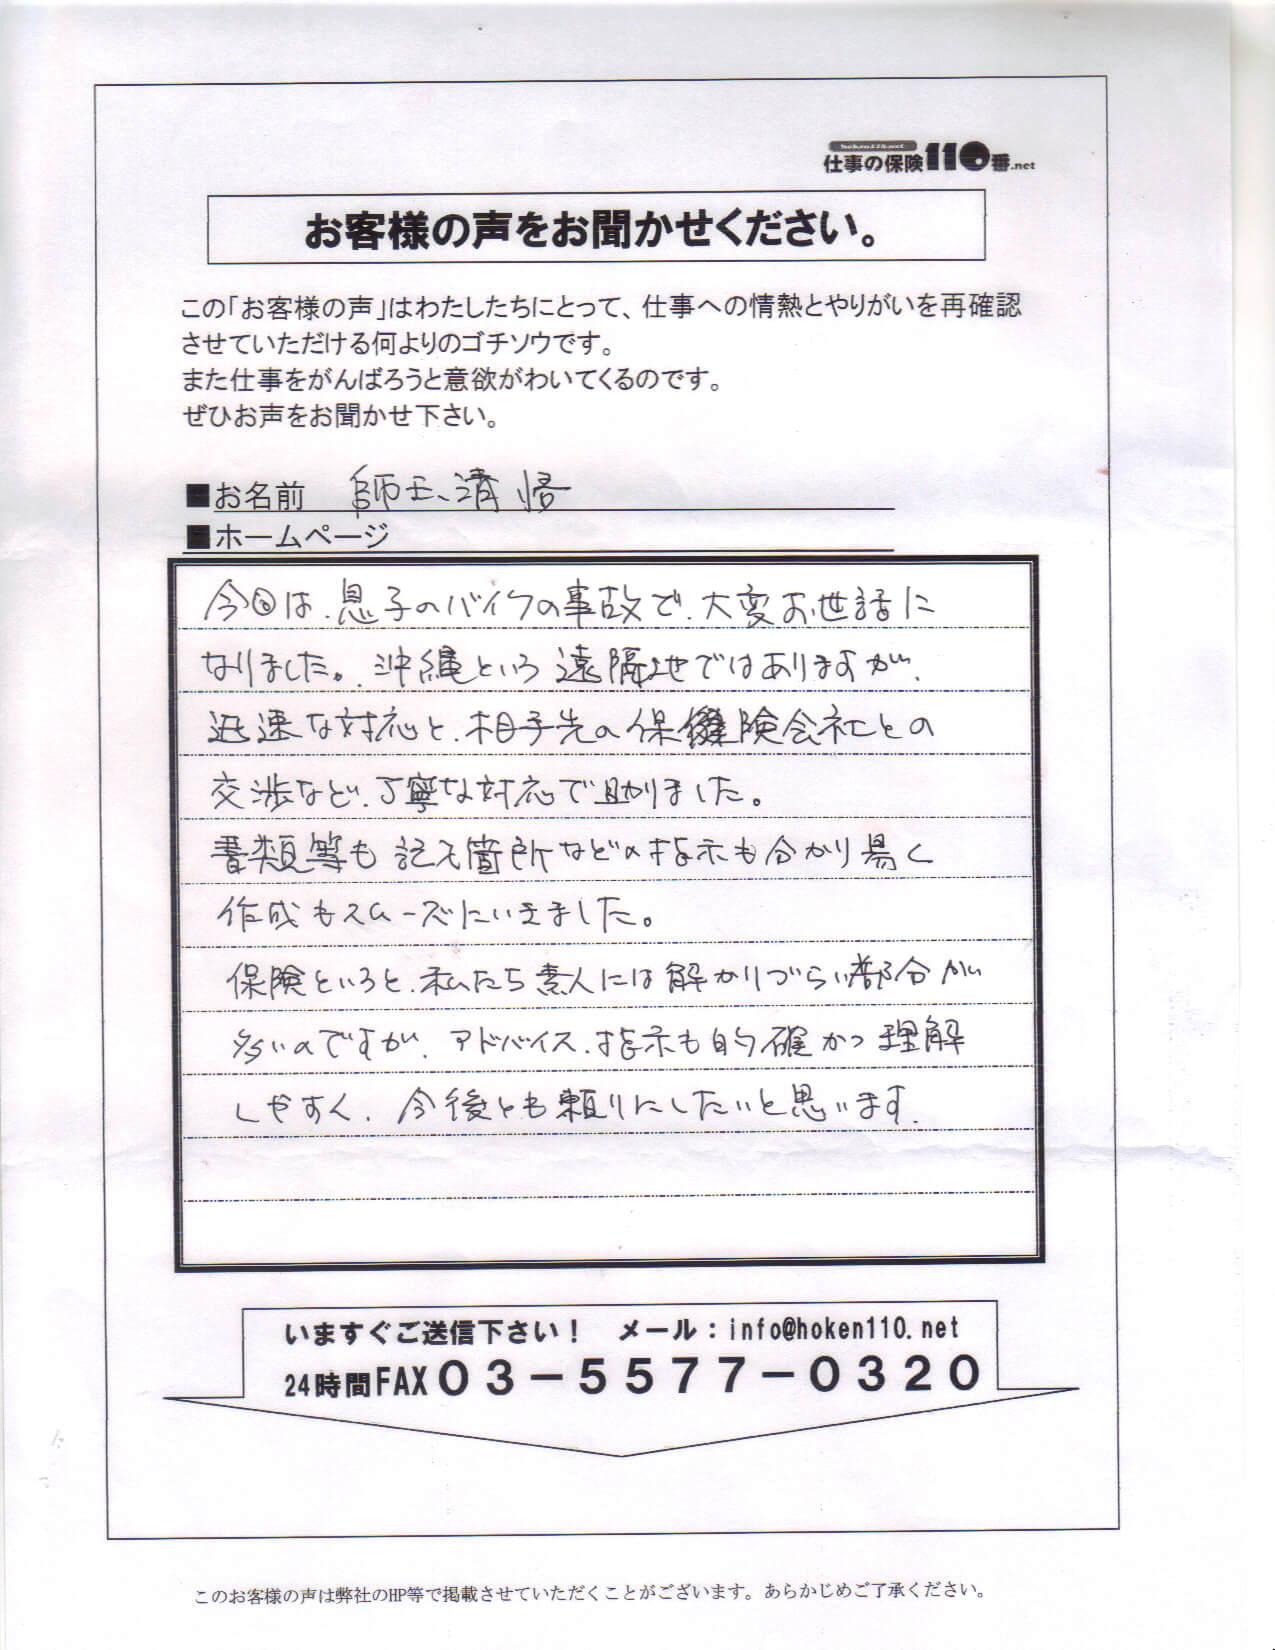 2010-06-23 20;19;44.jpg